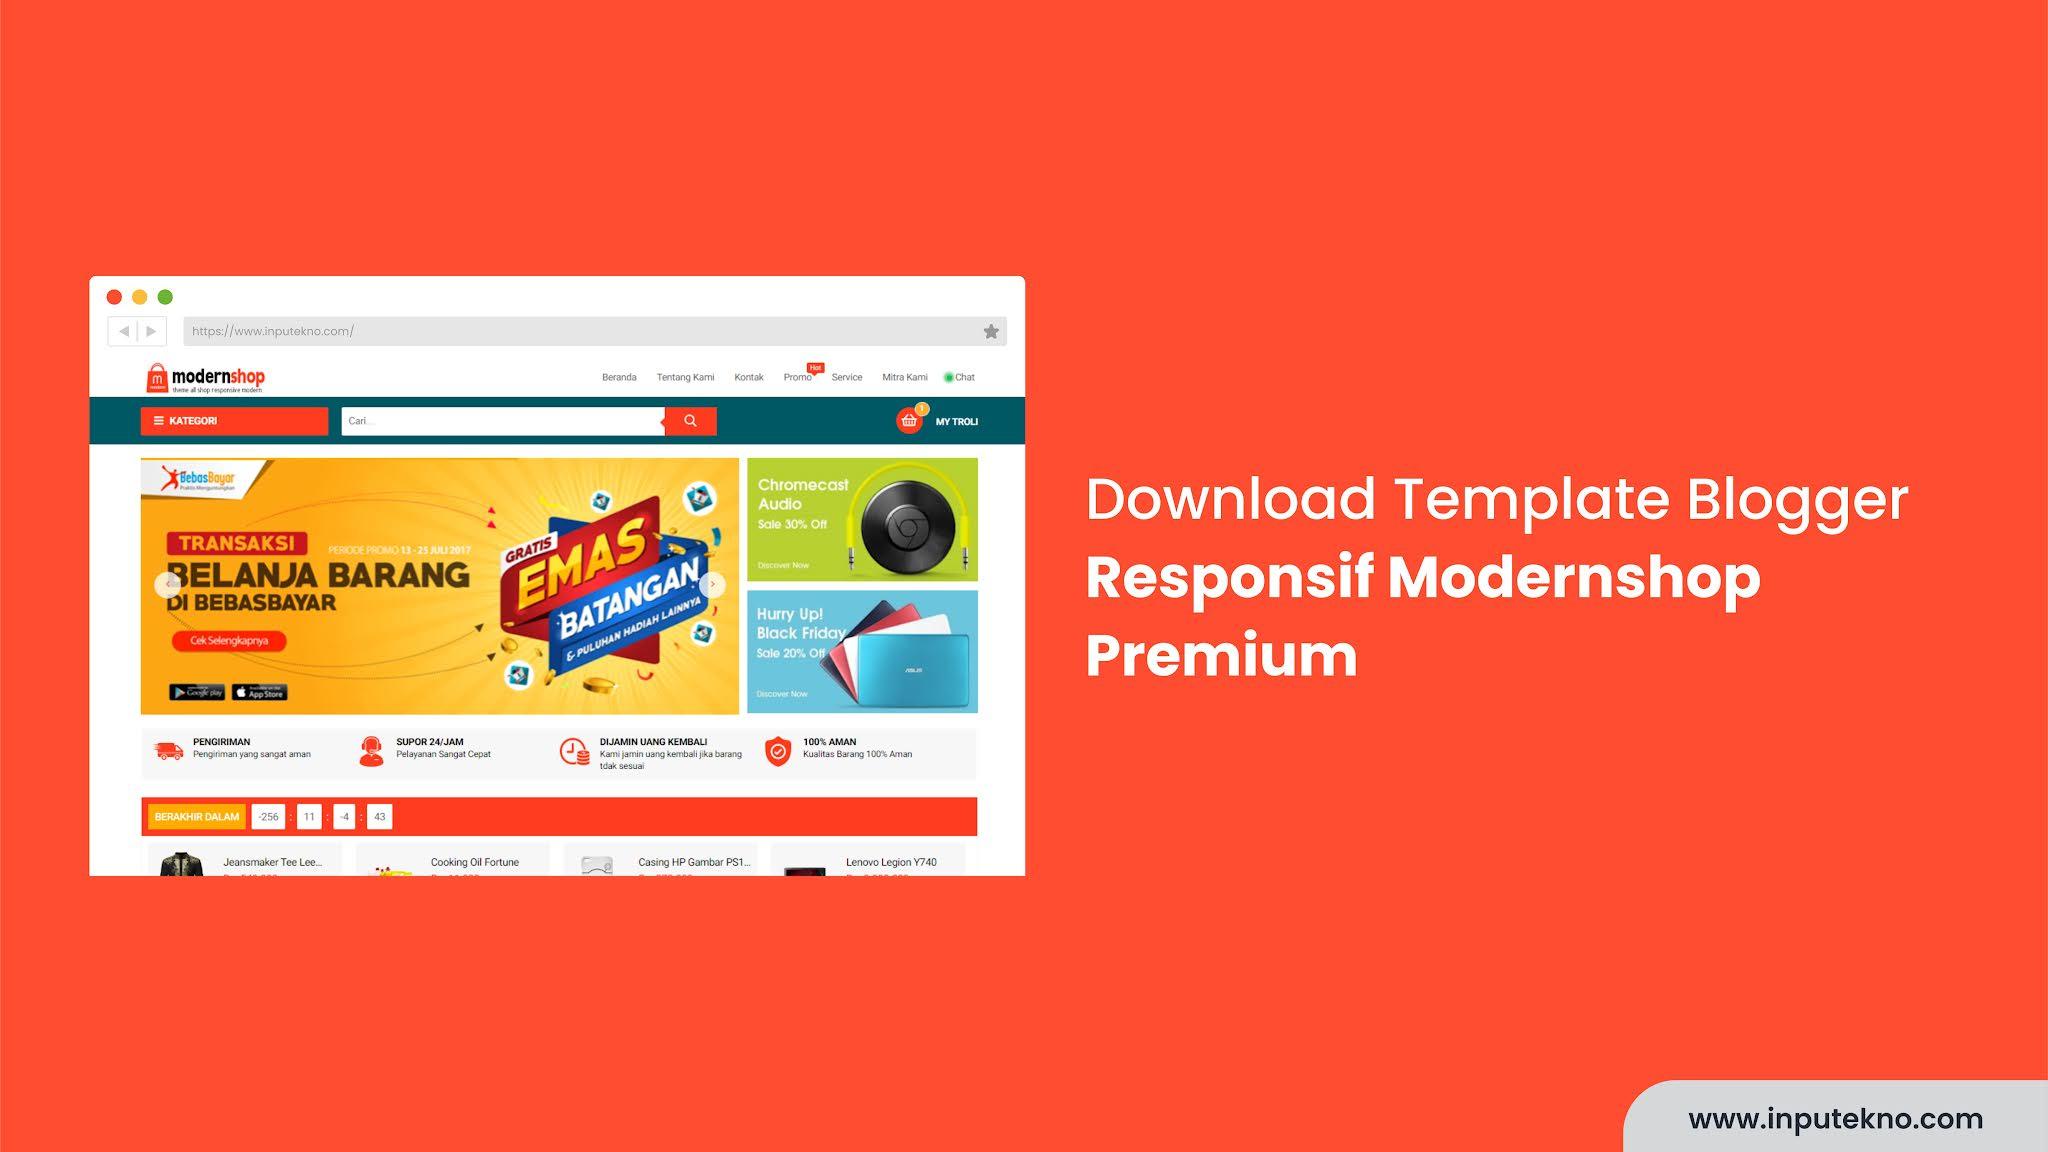 Template Shop Blogger Responsif Modernshop